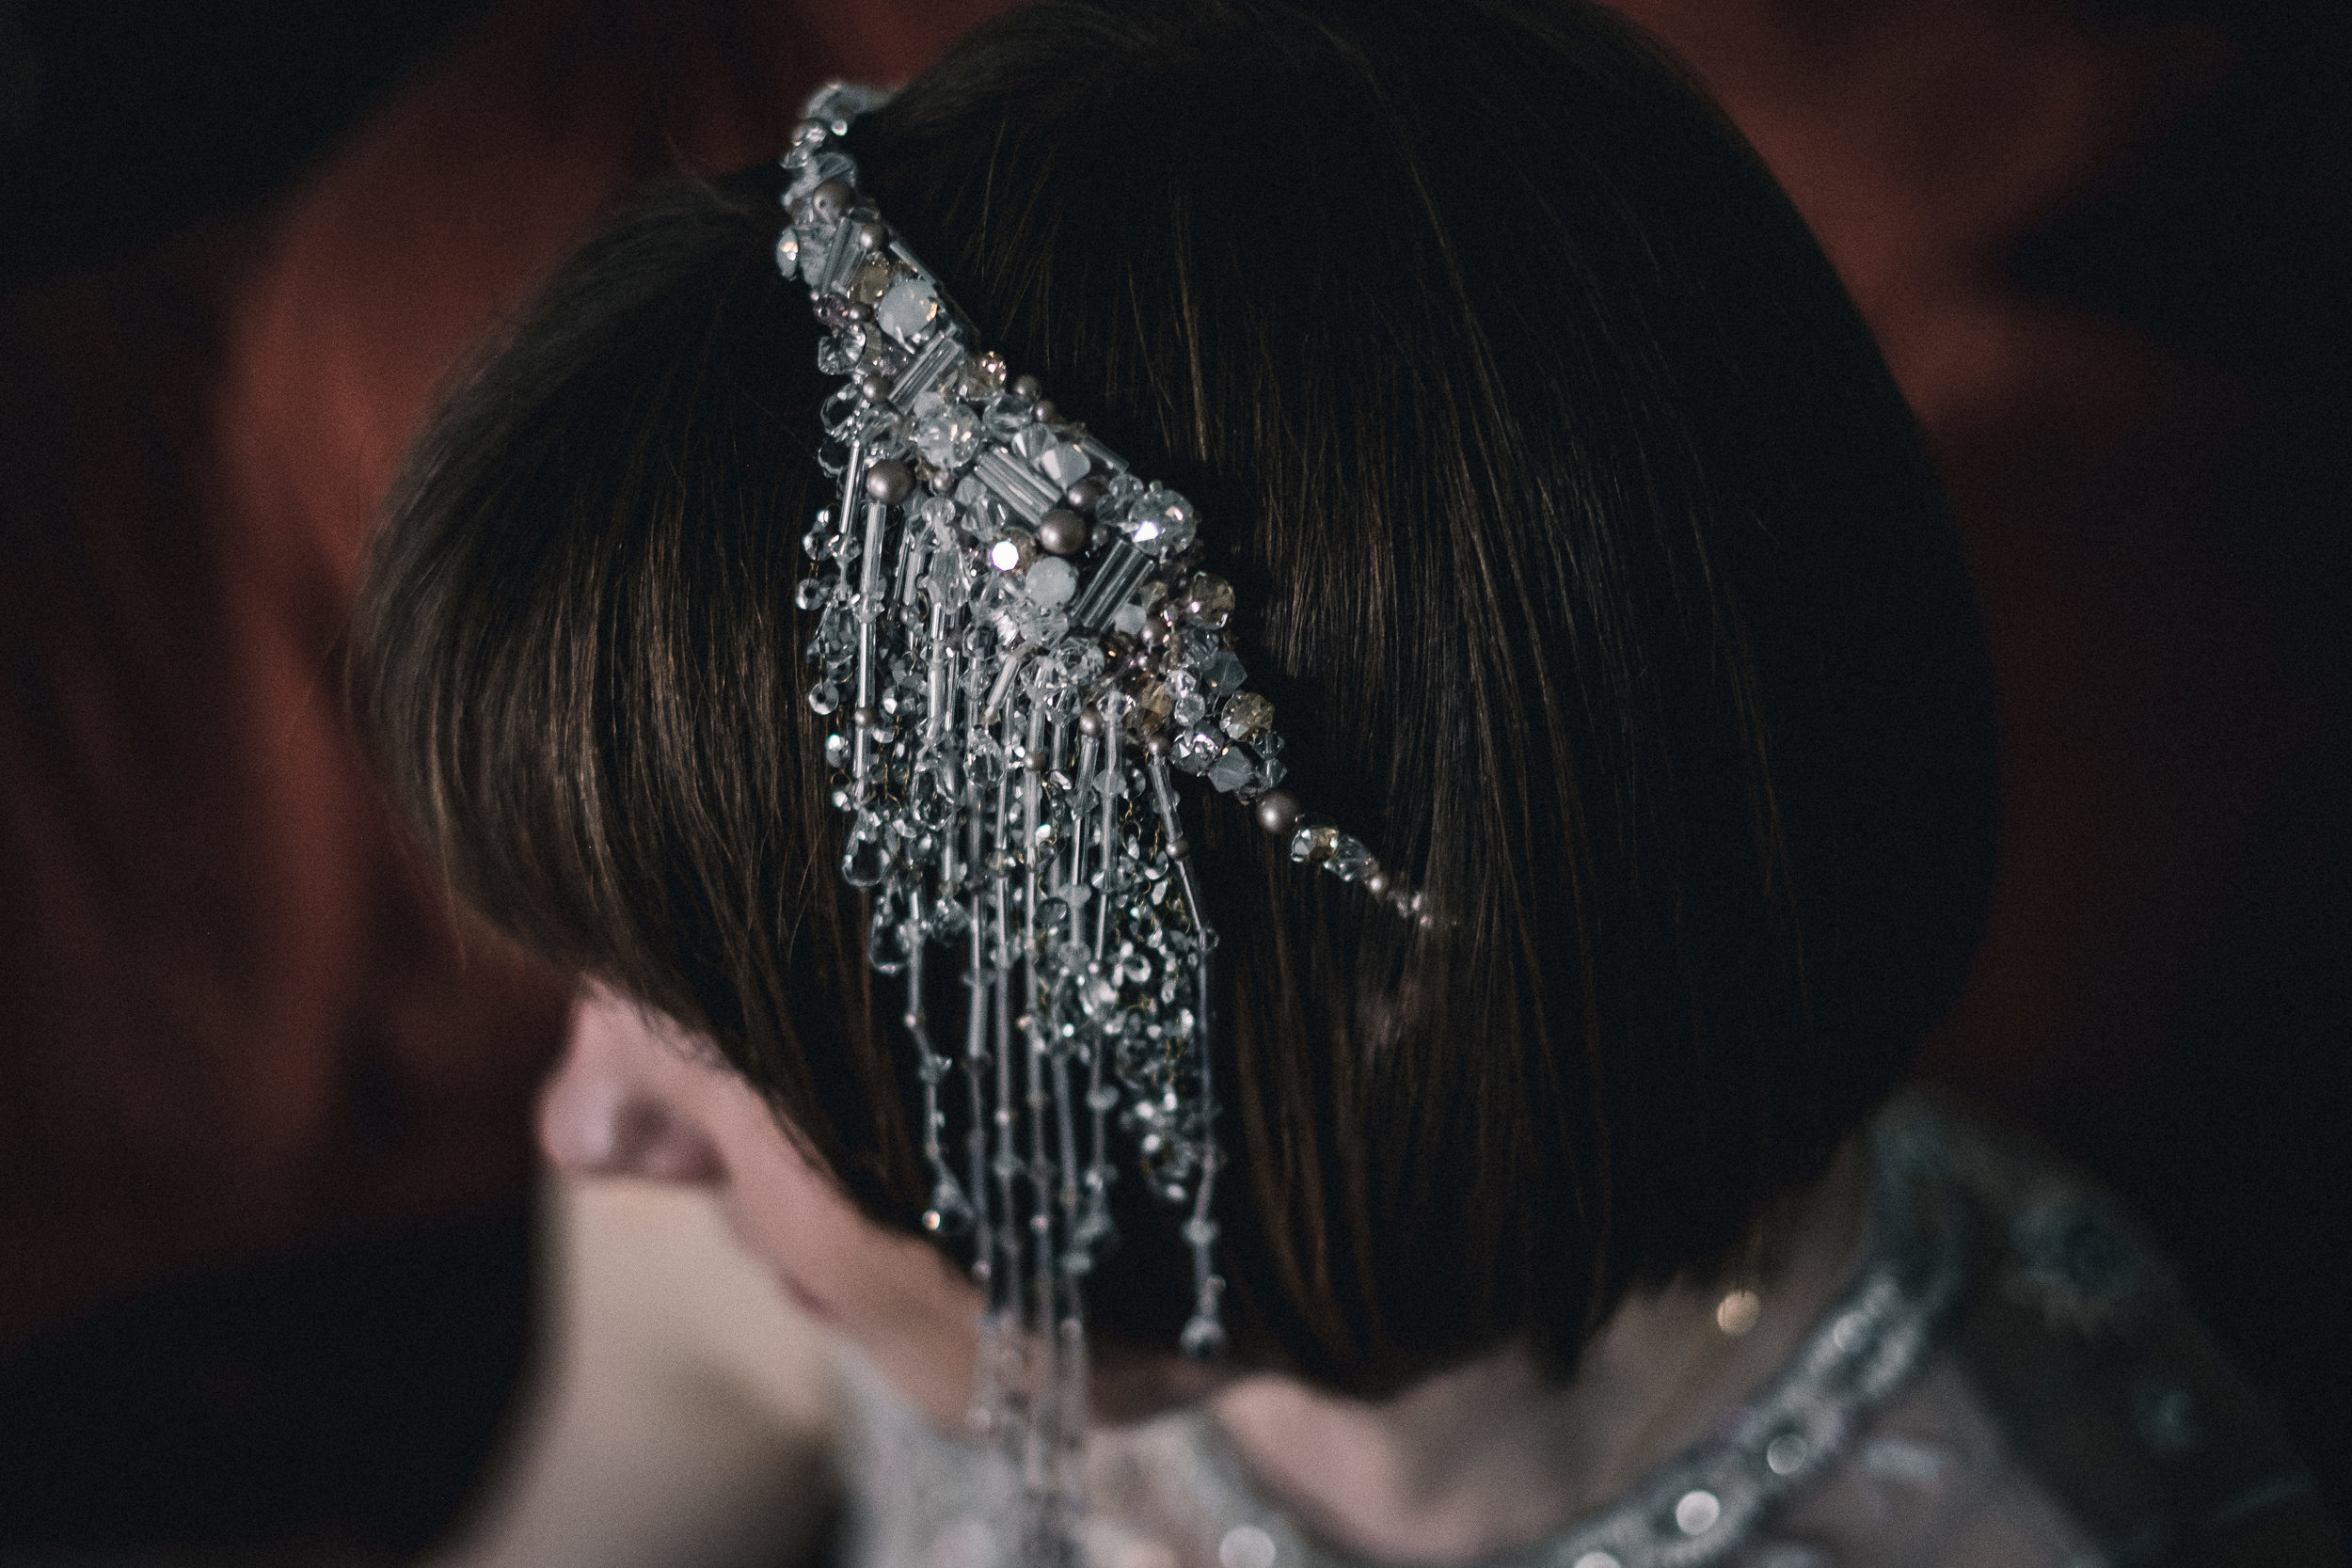 Bridal head-piece